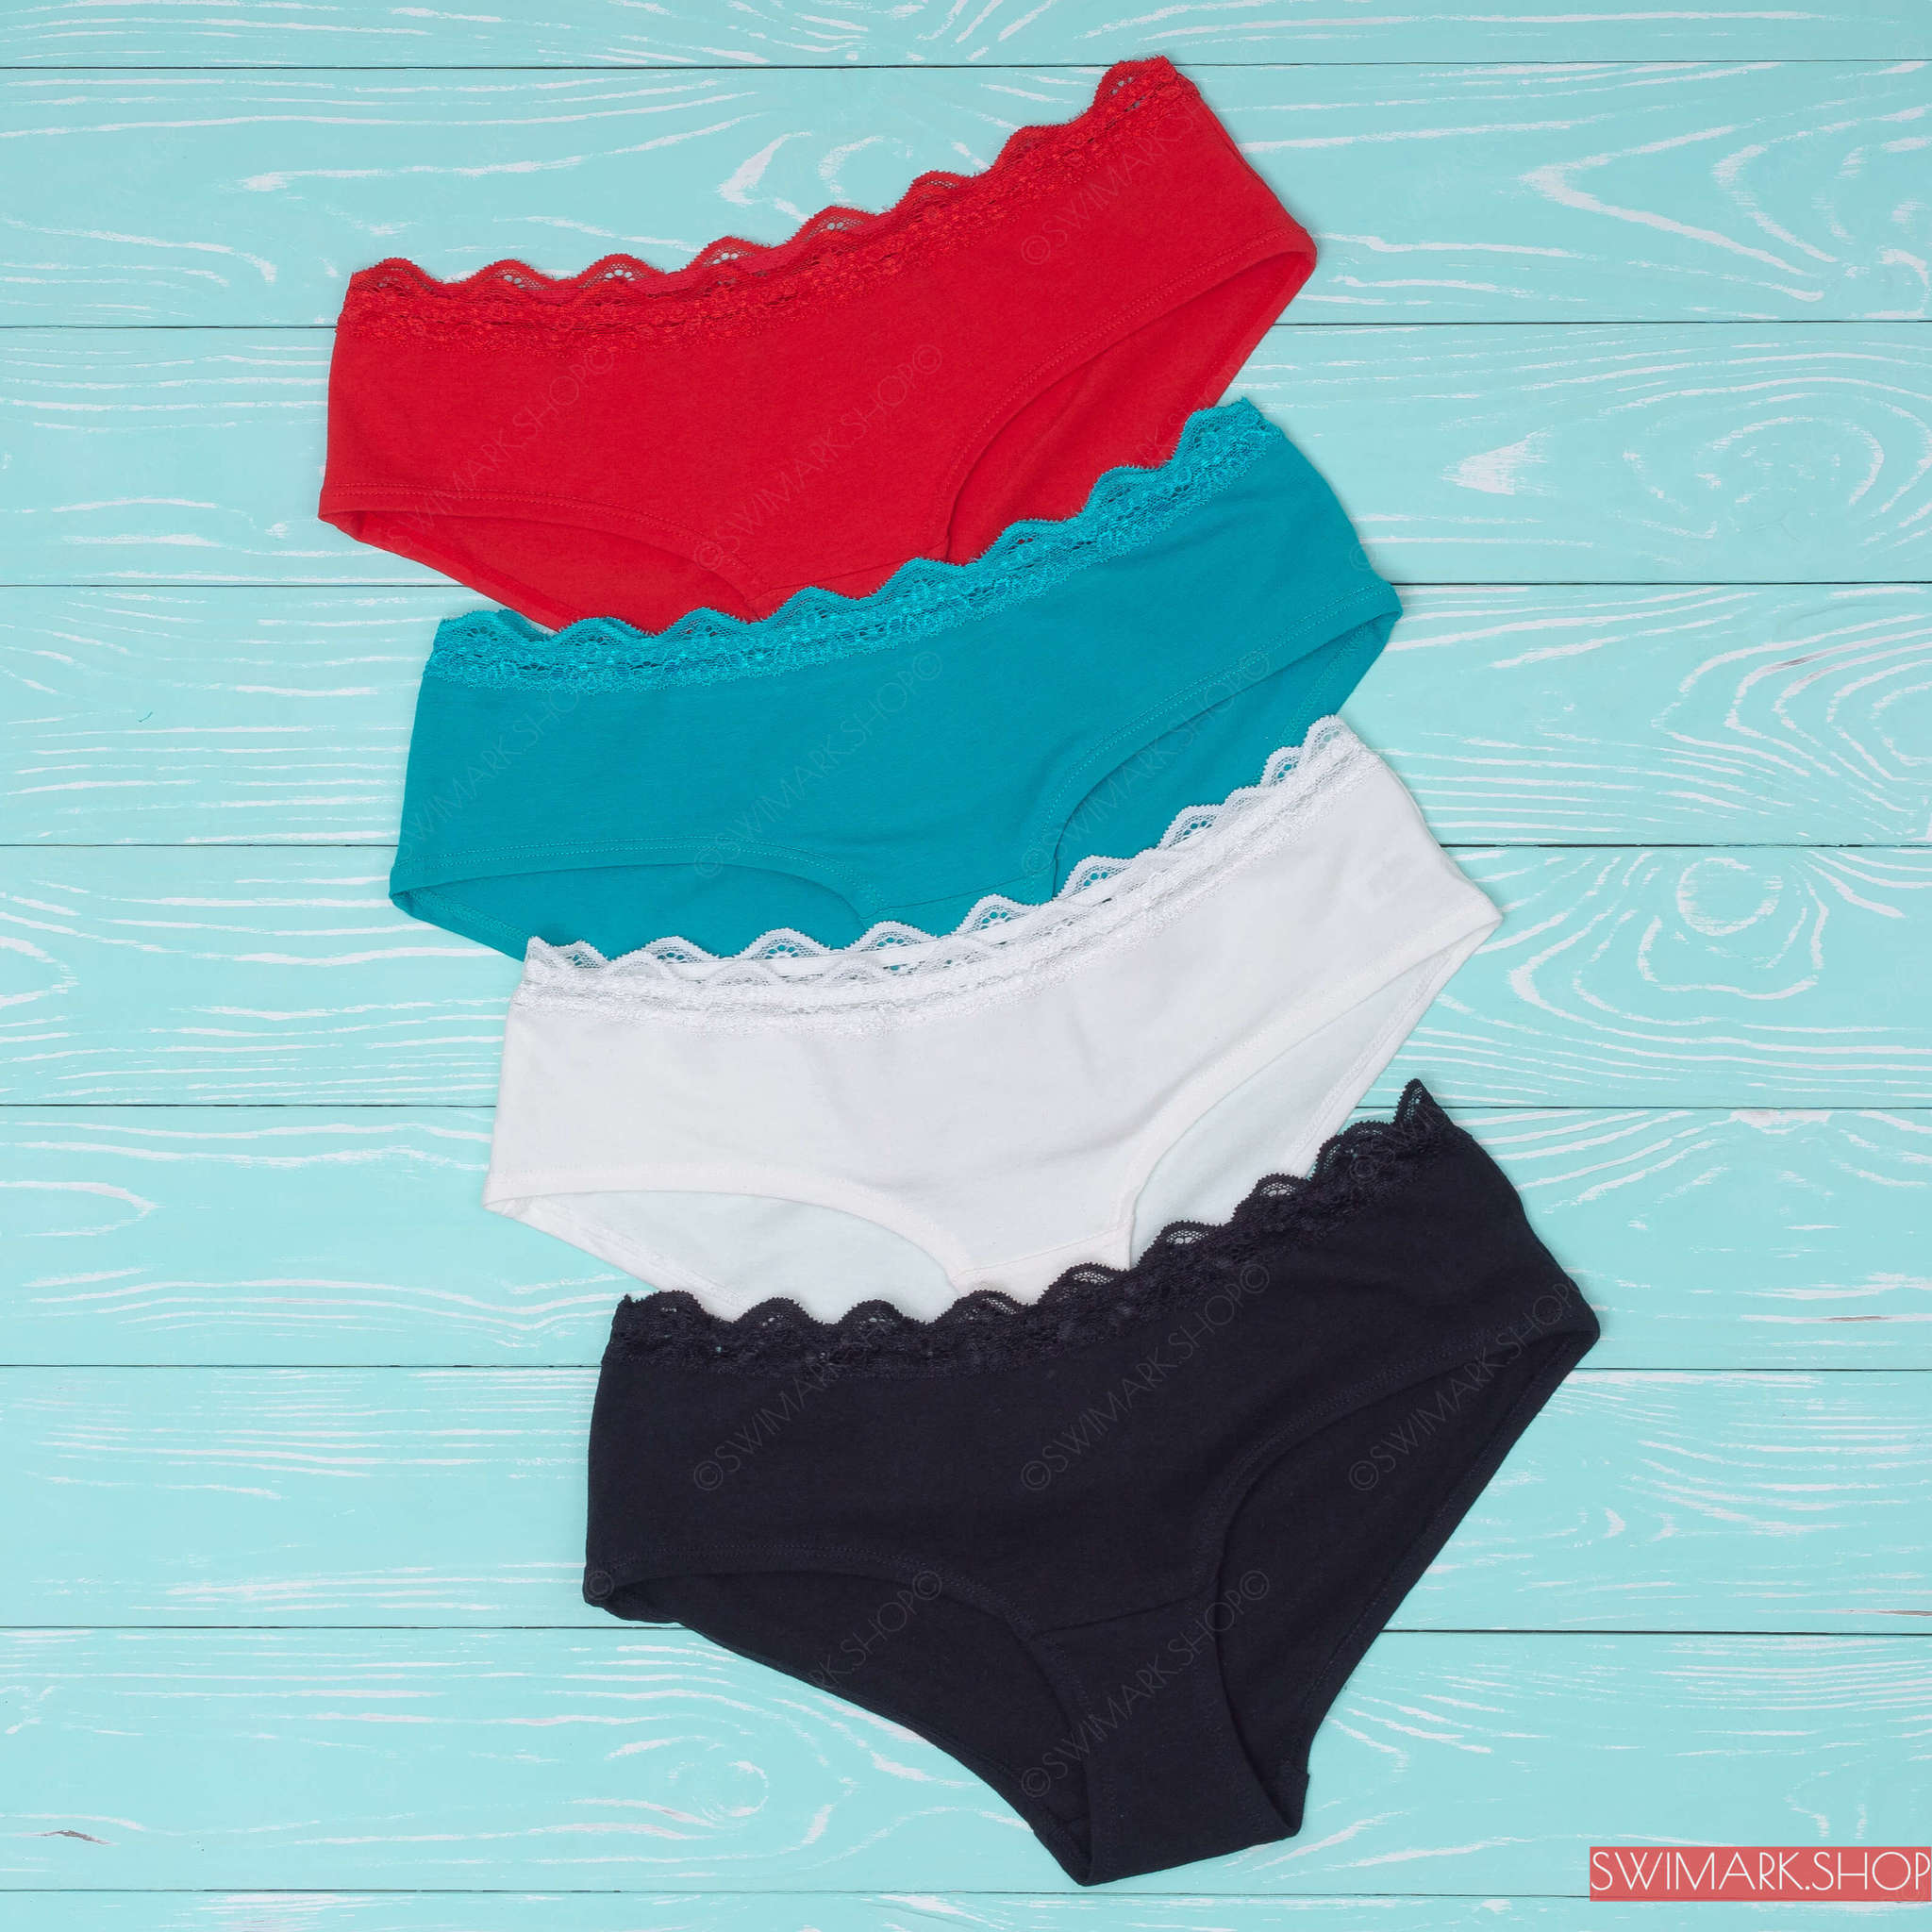 Трусики женские 60726, 2 шт. в упаковке swimark.shop10014.jpg